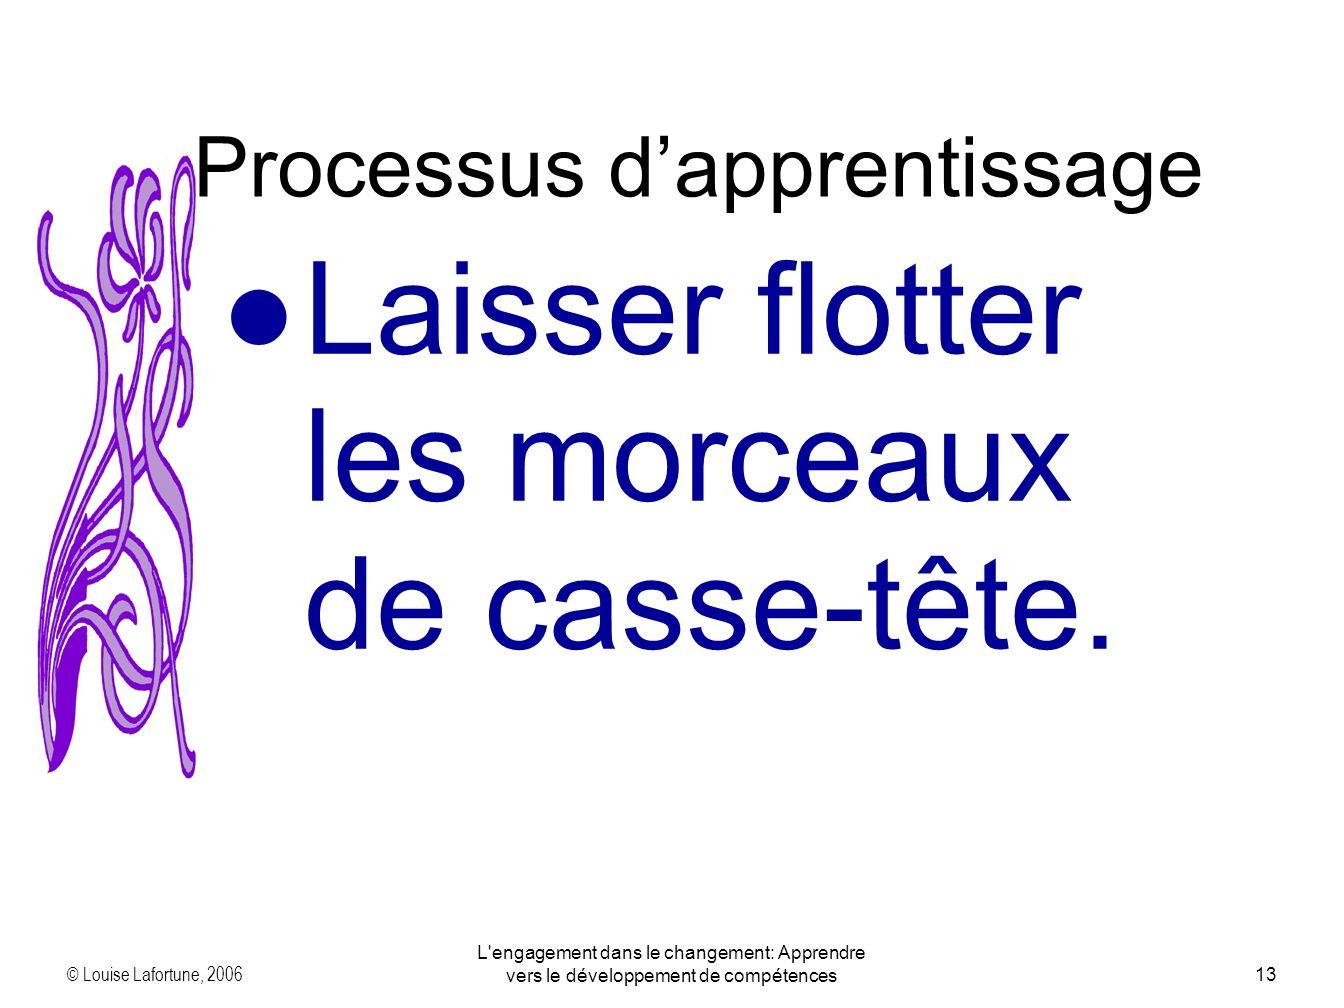 © Louise Lafortune, 2006 L engagement dans le changement: Apprendre vers le développement de compétences13 Laisser flotter les morceaux de casse-tête.